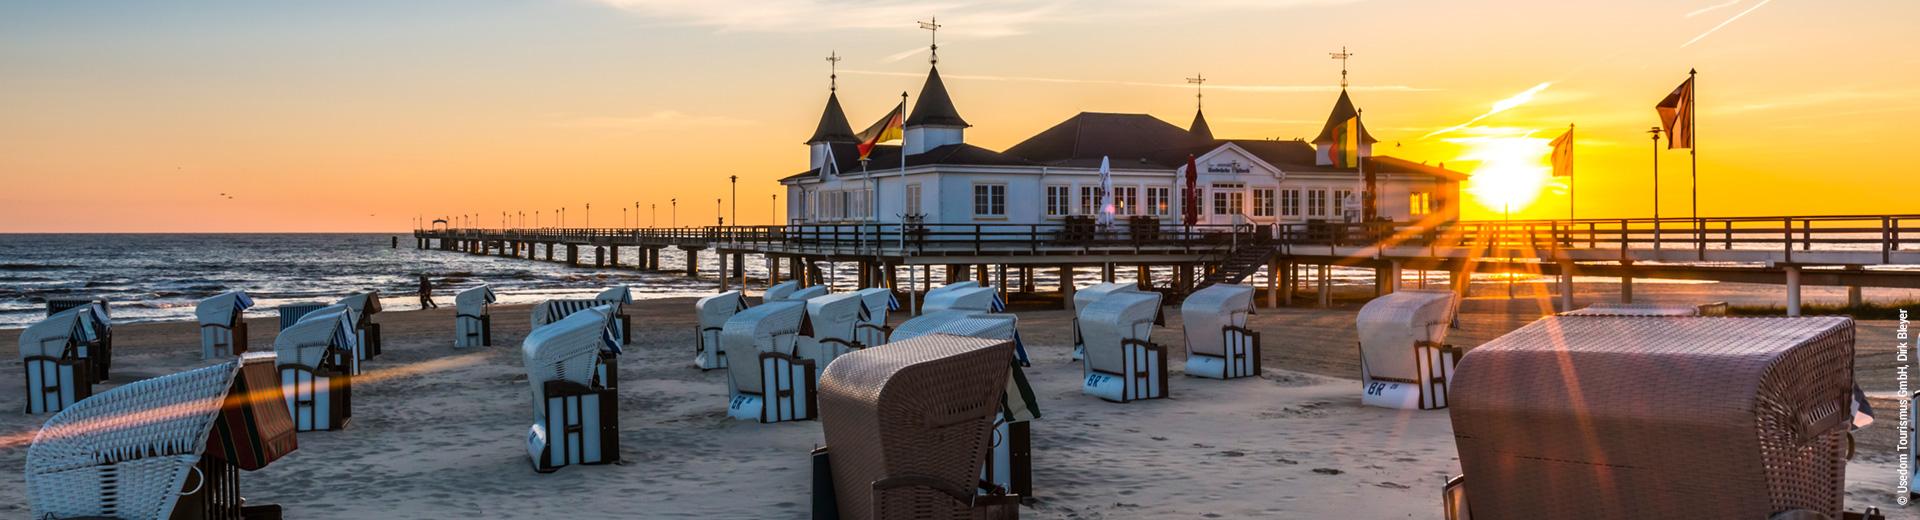 Ferien in Mecklenburg-Vorpommern